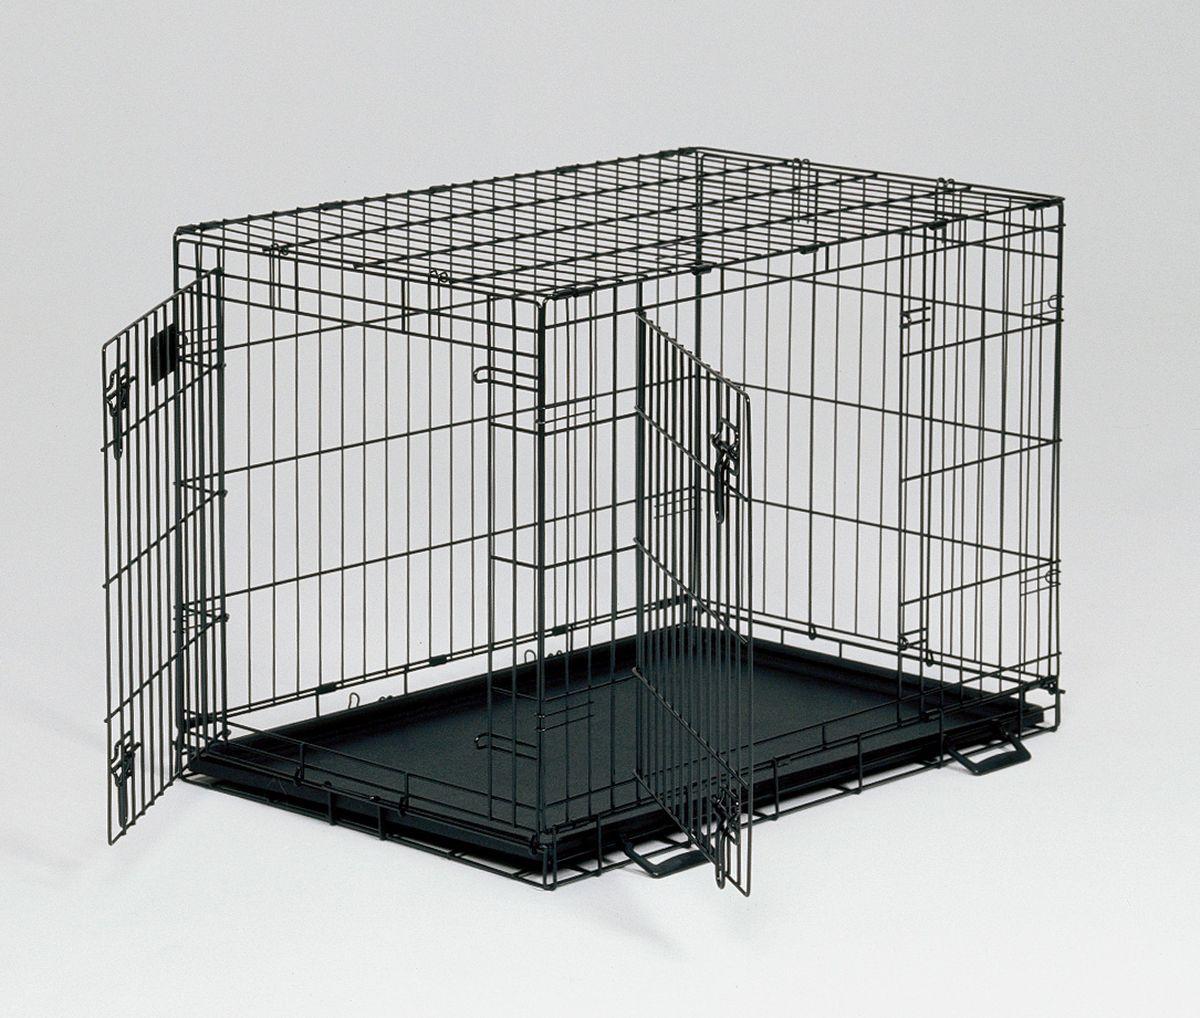 Клетка Midwest Life Stage, 2 двери ,76 x 53 x 61 см1630DDКлетка Midwest  Life Stag A.C.E. разработана специально для транспортировки средних и крупных собак. Закругленная угловая защита обеспечивает безопасность питомцам и людям. Клетка из нержавеющей стали оснащена: - двумя надежными дверками; - безопасным двойным замком (задвижка закрывает и снаружи и внутри); - прочным пластиковым поддоном, который не повреждает поверхность, на которой размещается; - разделяющей панелью, обеспечивающей создание универсальных отсеков; - качественными ручками для переноски питомца. Размер клетки (ДхШхВ): 76 x 53 x 61 см. Вес конструкции: 9,5 кг. Товар сертифицирован.